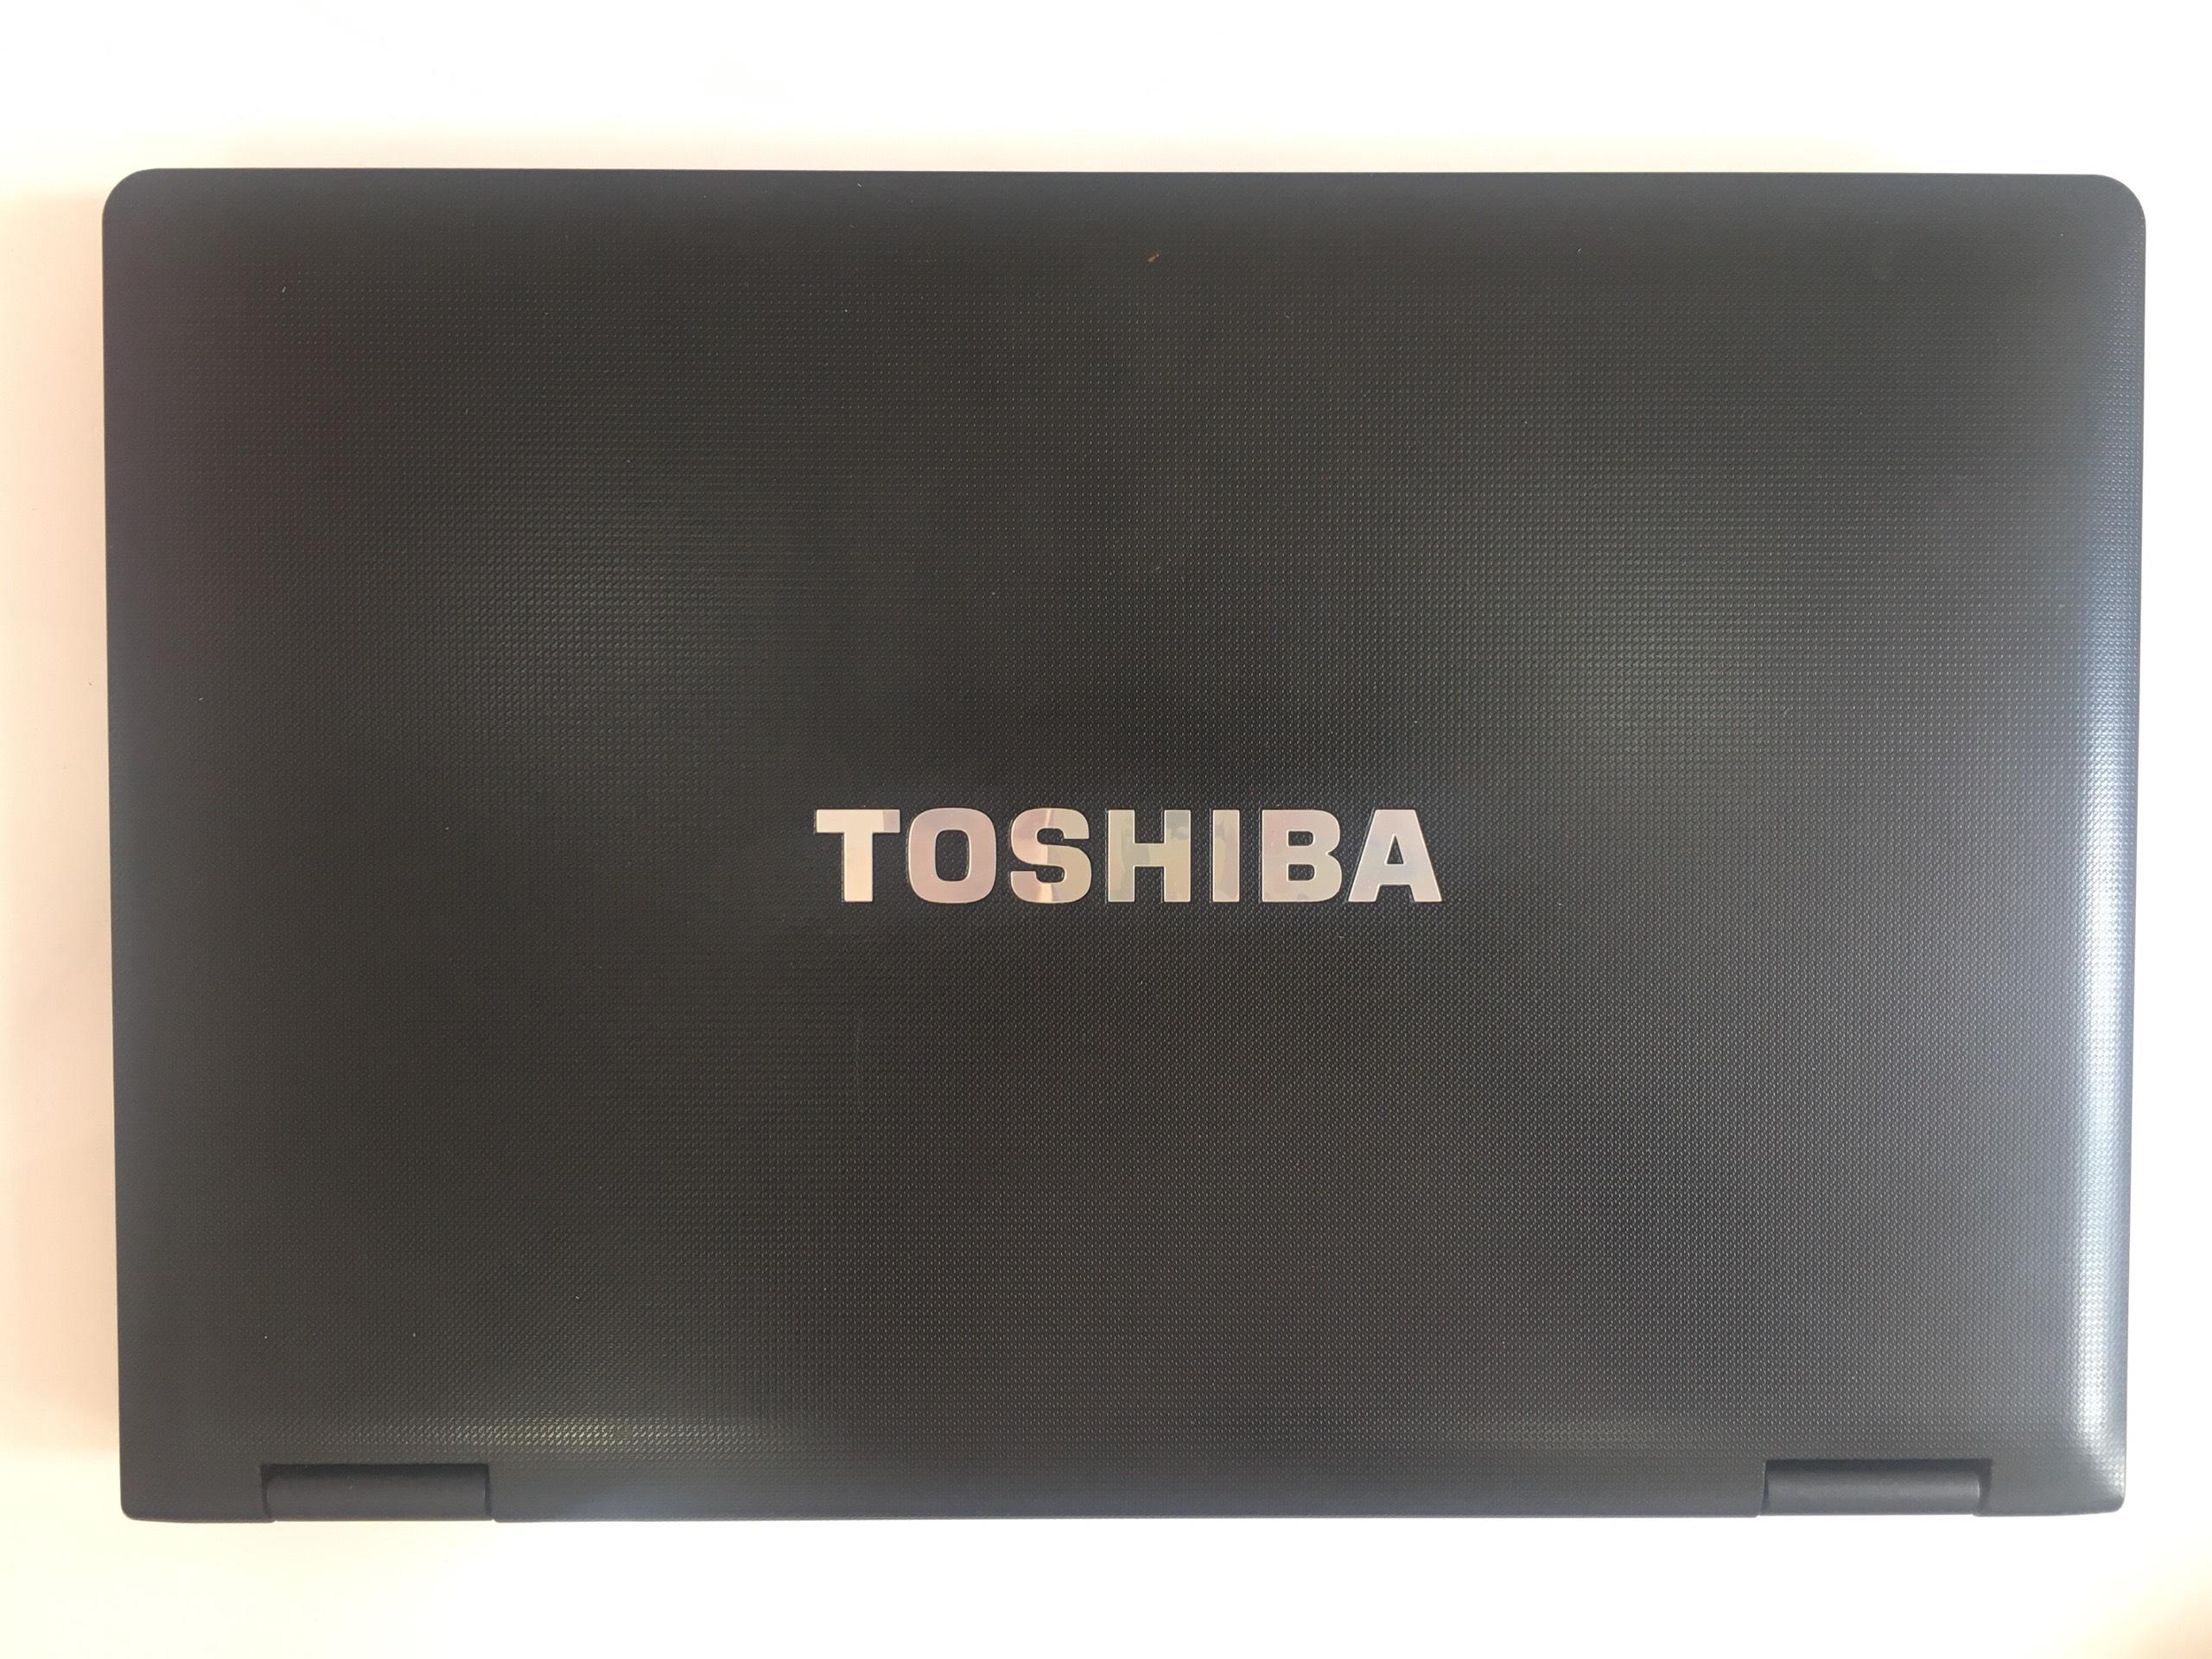 toshiba-satellite-pro-s85-10